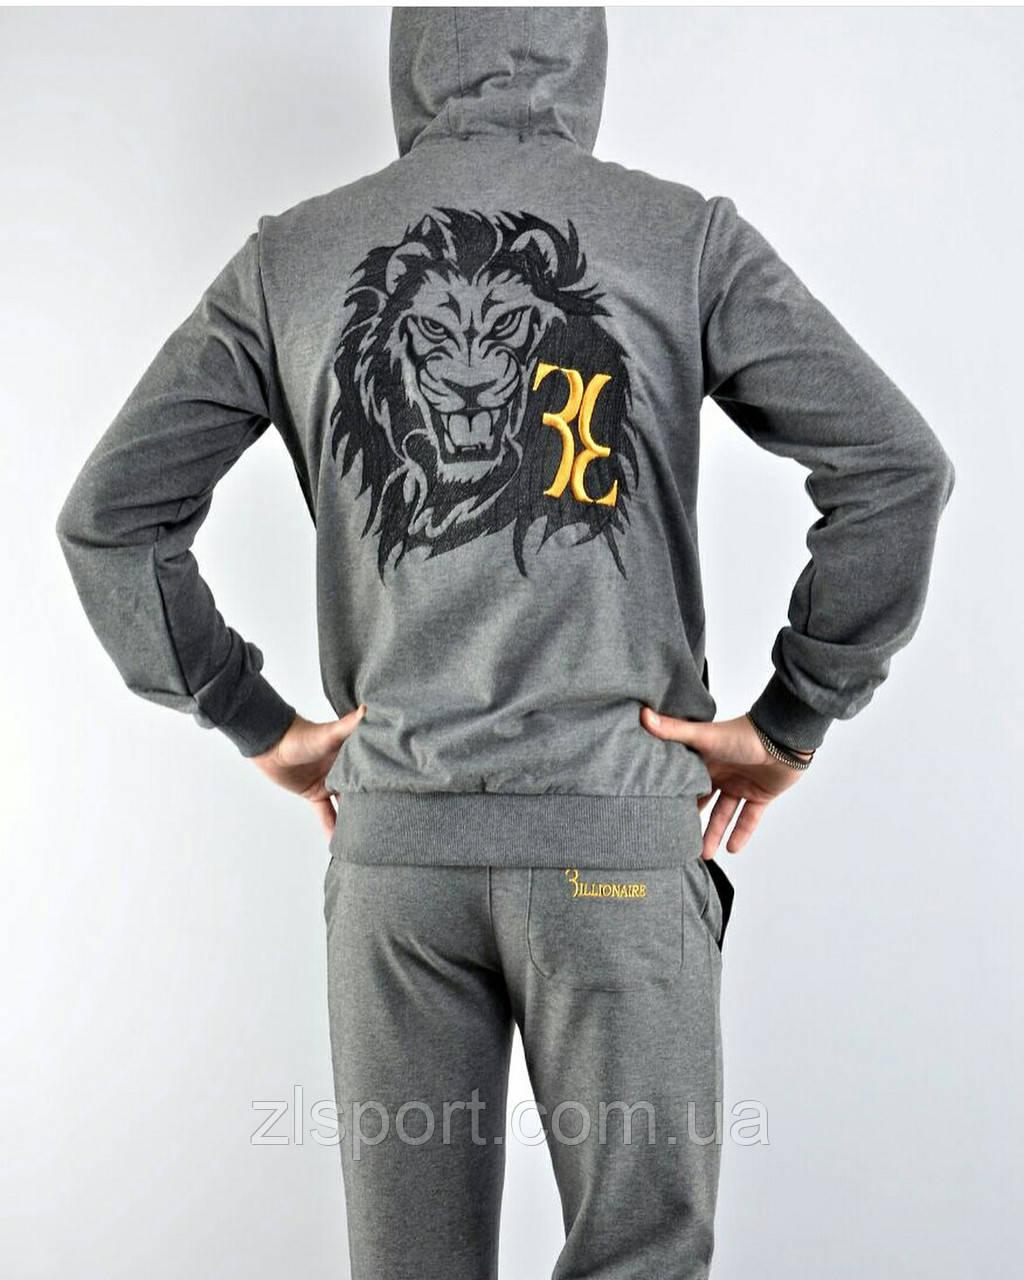 1f29f795ea4 Мужской спортивный костюм Billionaire (Турция) - Интернет магазин спортивной  одежды